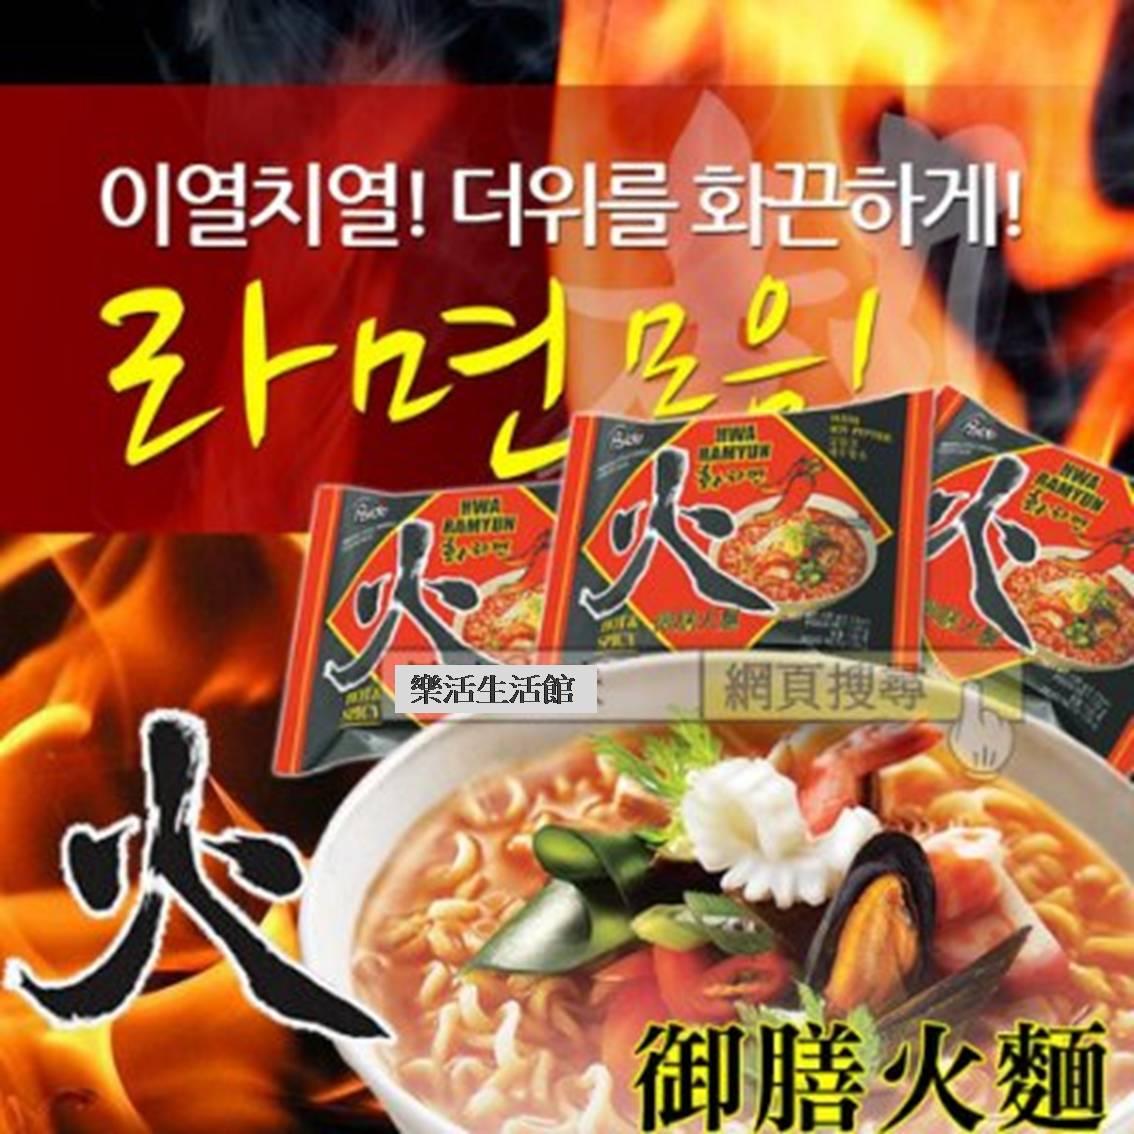 韓國 Paldo八道御膳火麵 泡麵 1入【樂活生活館】